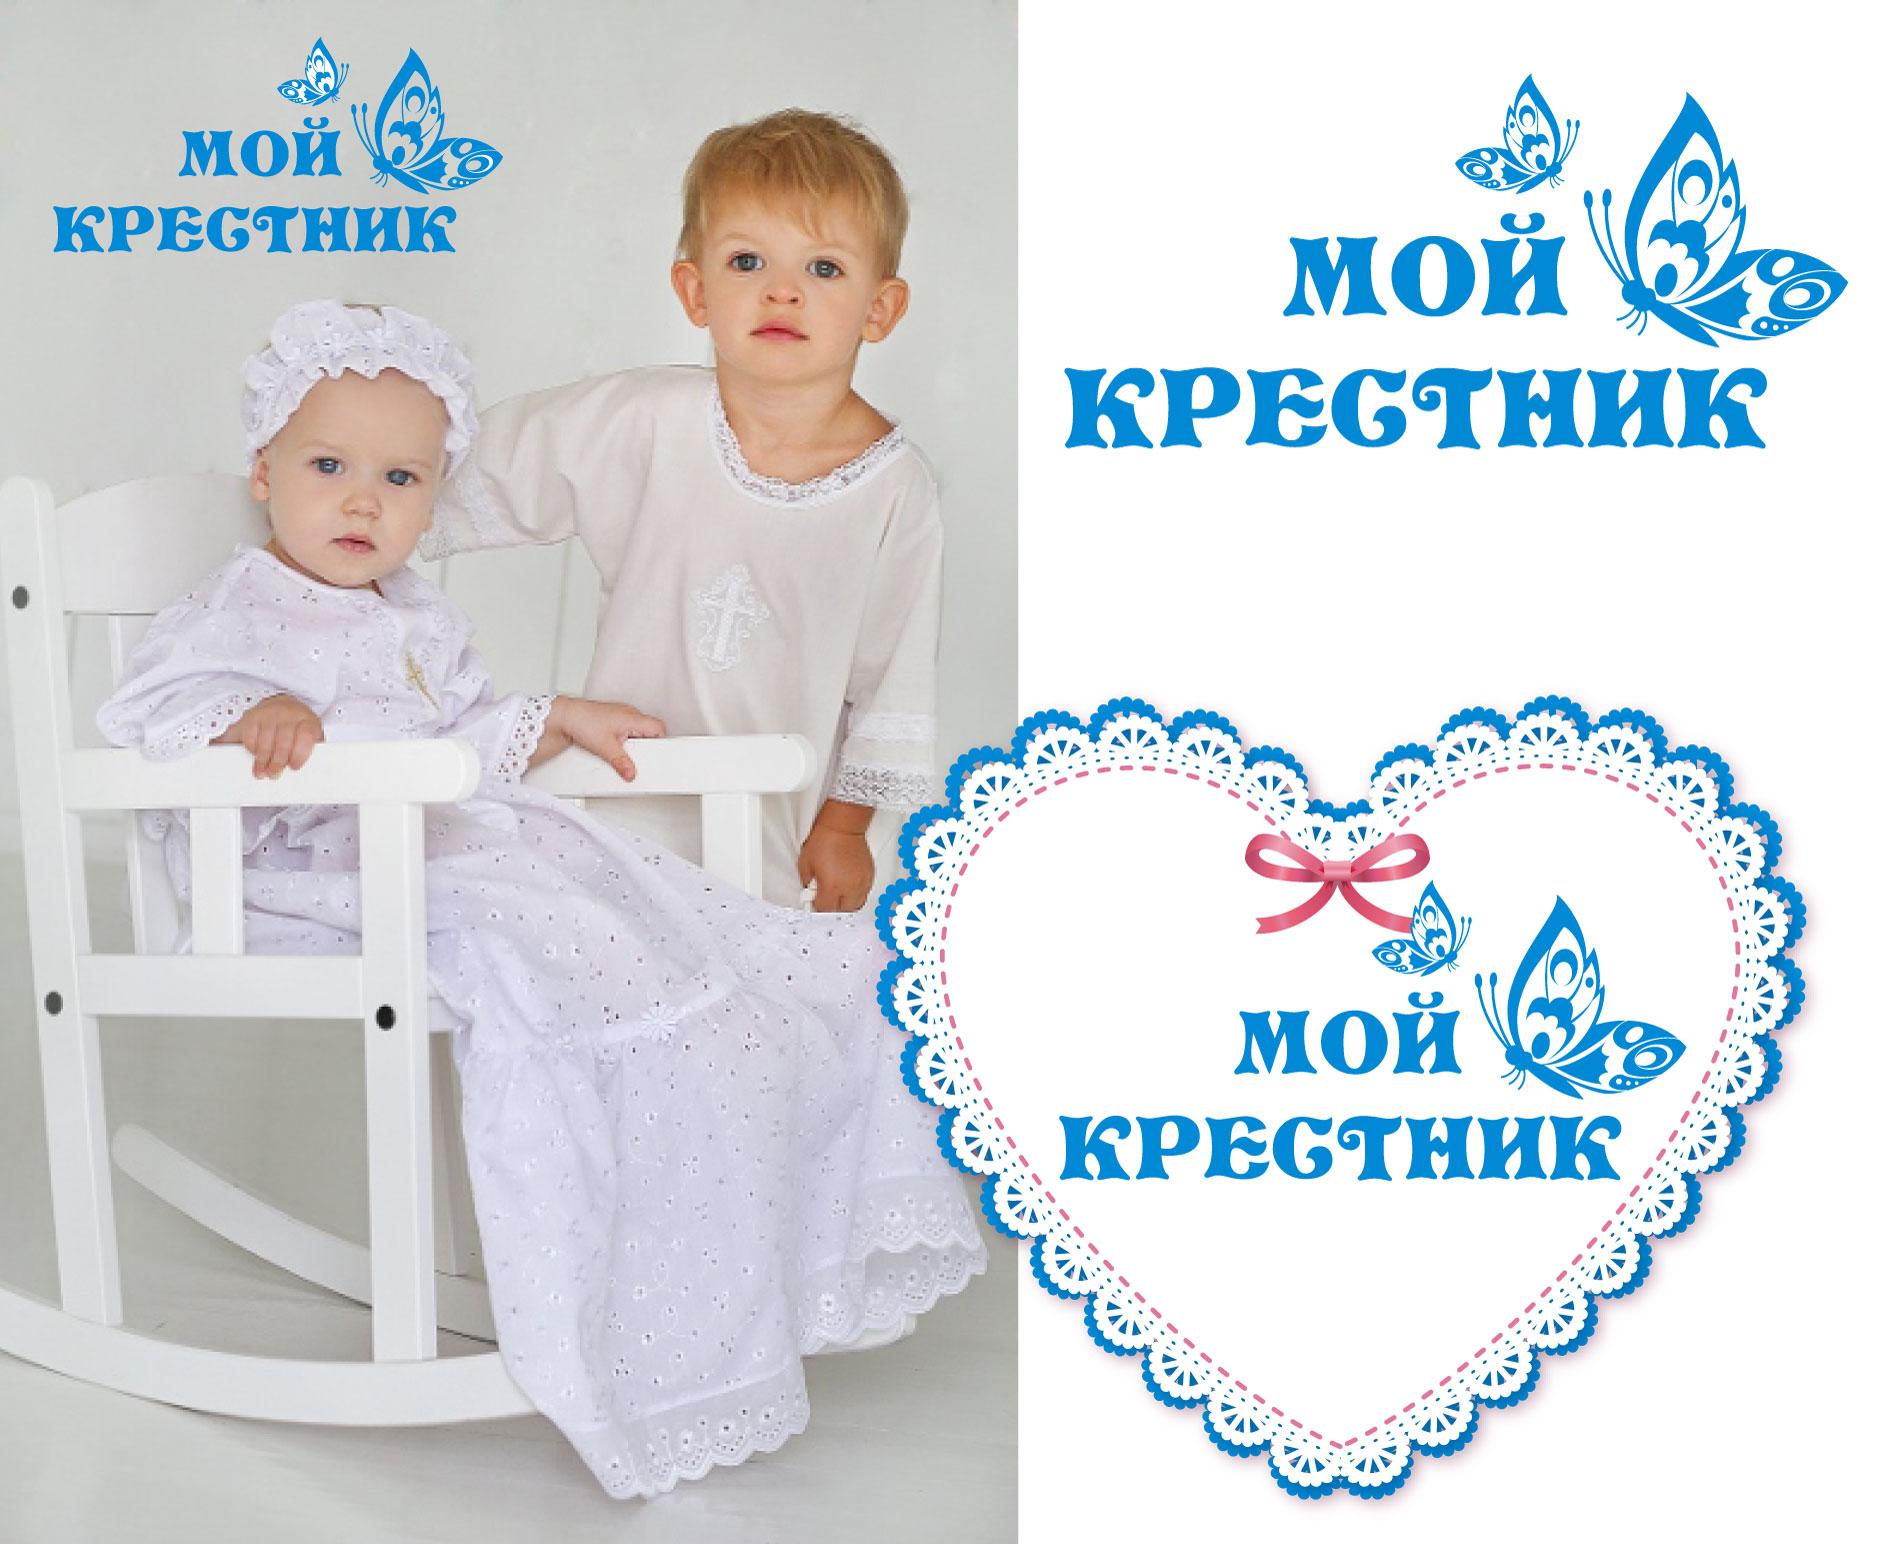 Логотип для крестильной одежды(детской). фото f_7415d5731ba6810d.jpg